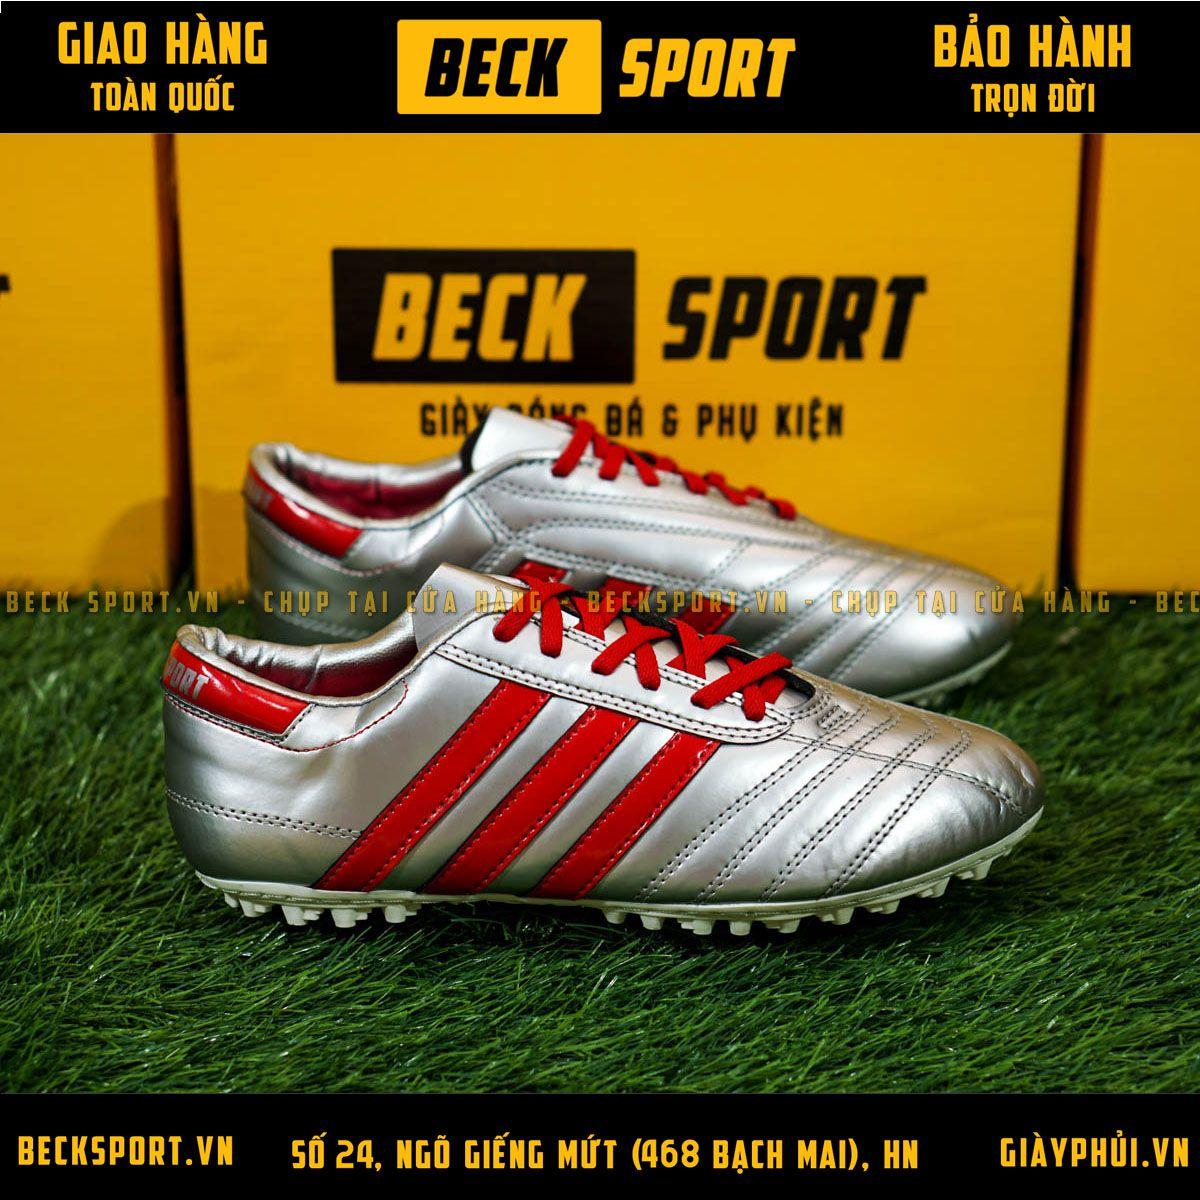 Giày Phủi 3 Sọc Loại 1 - Beck Bạc Sọc Đỏ